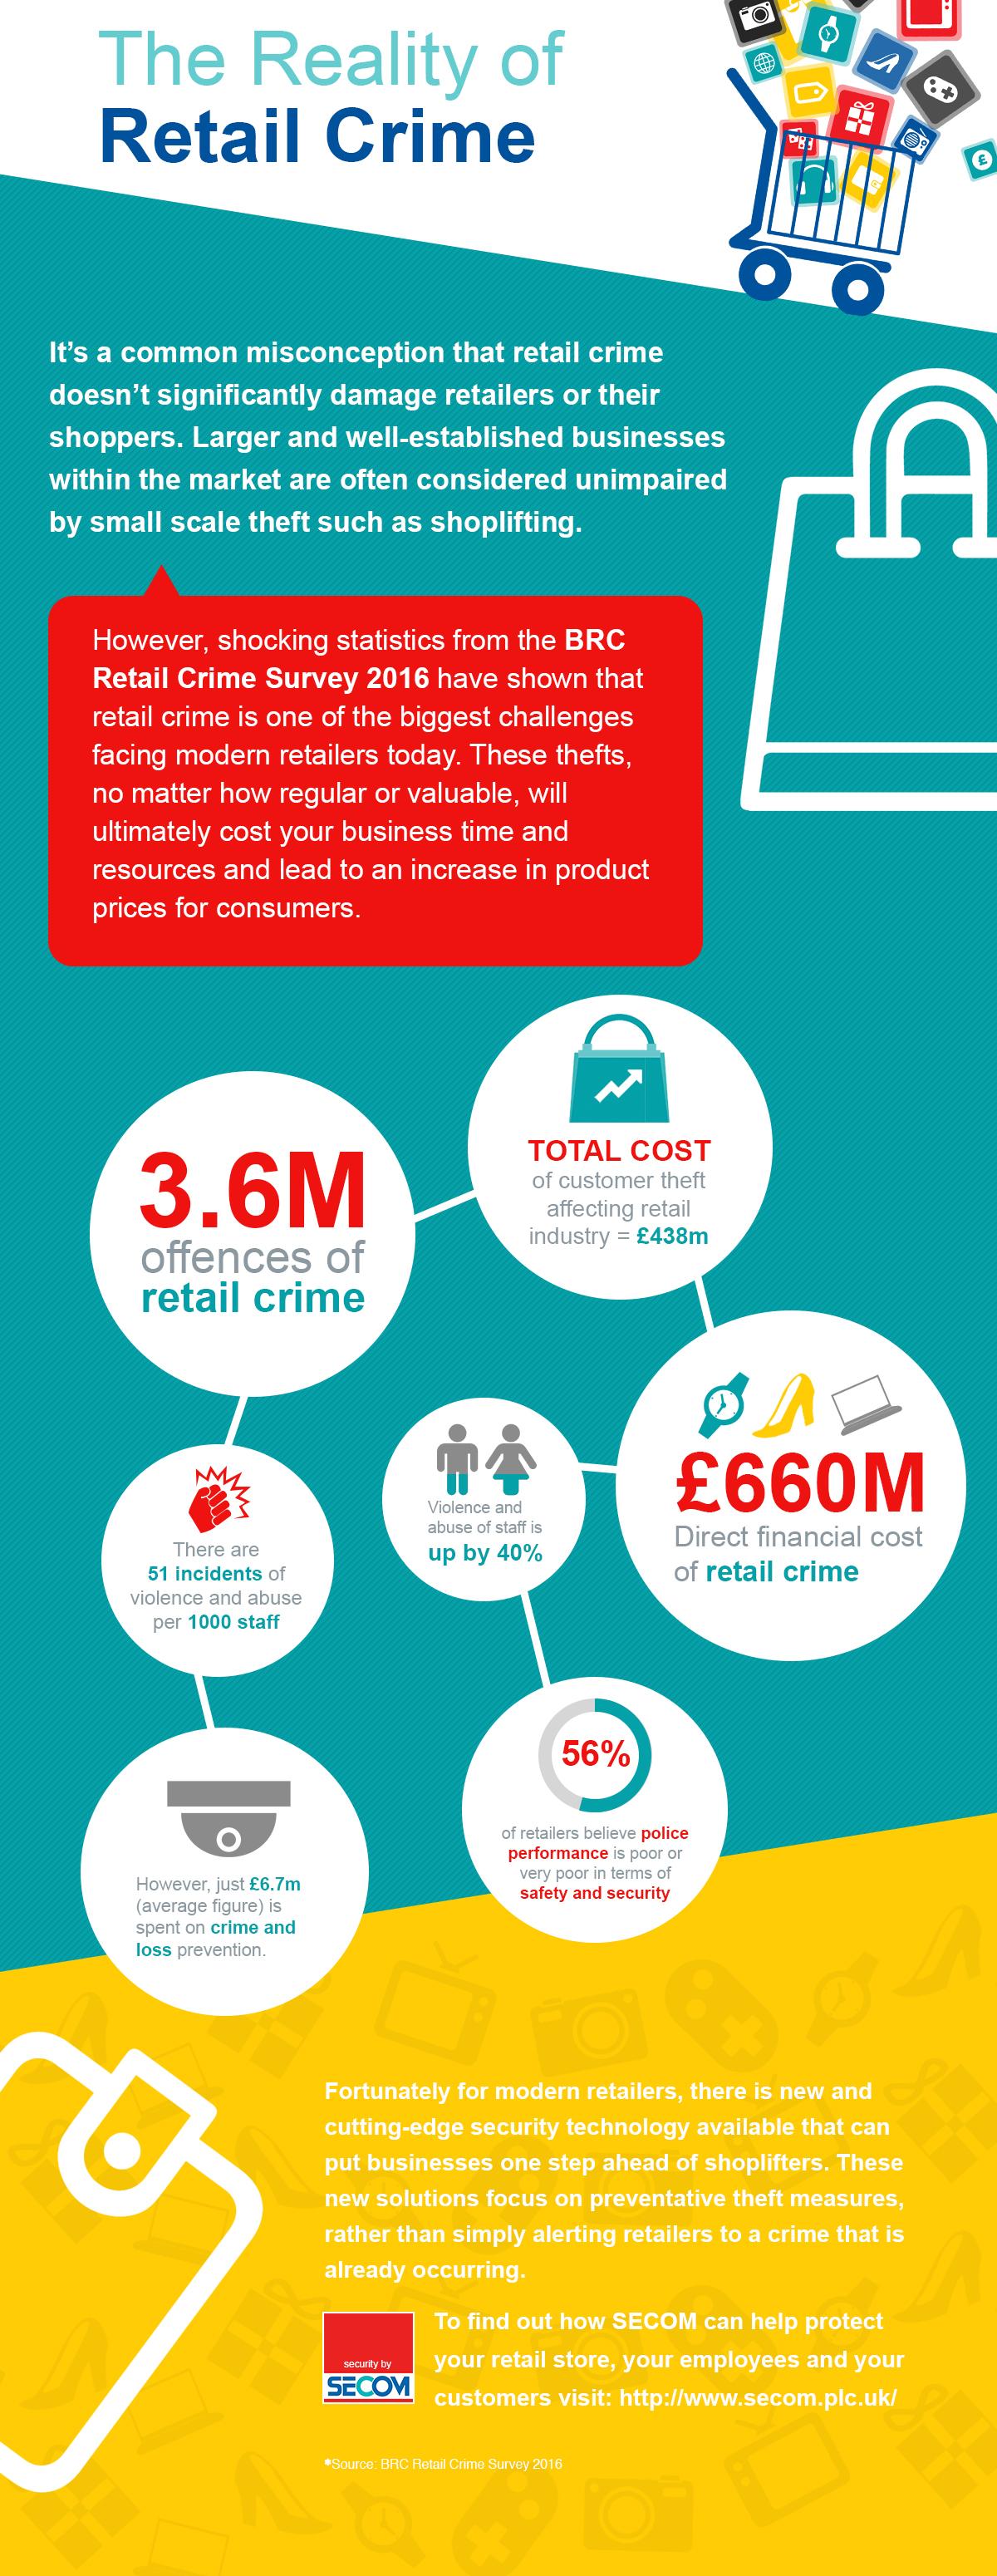 secom-retail-crime-infogra-v2-1-1-1